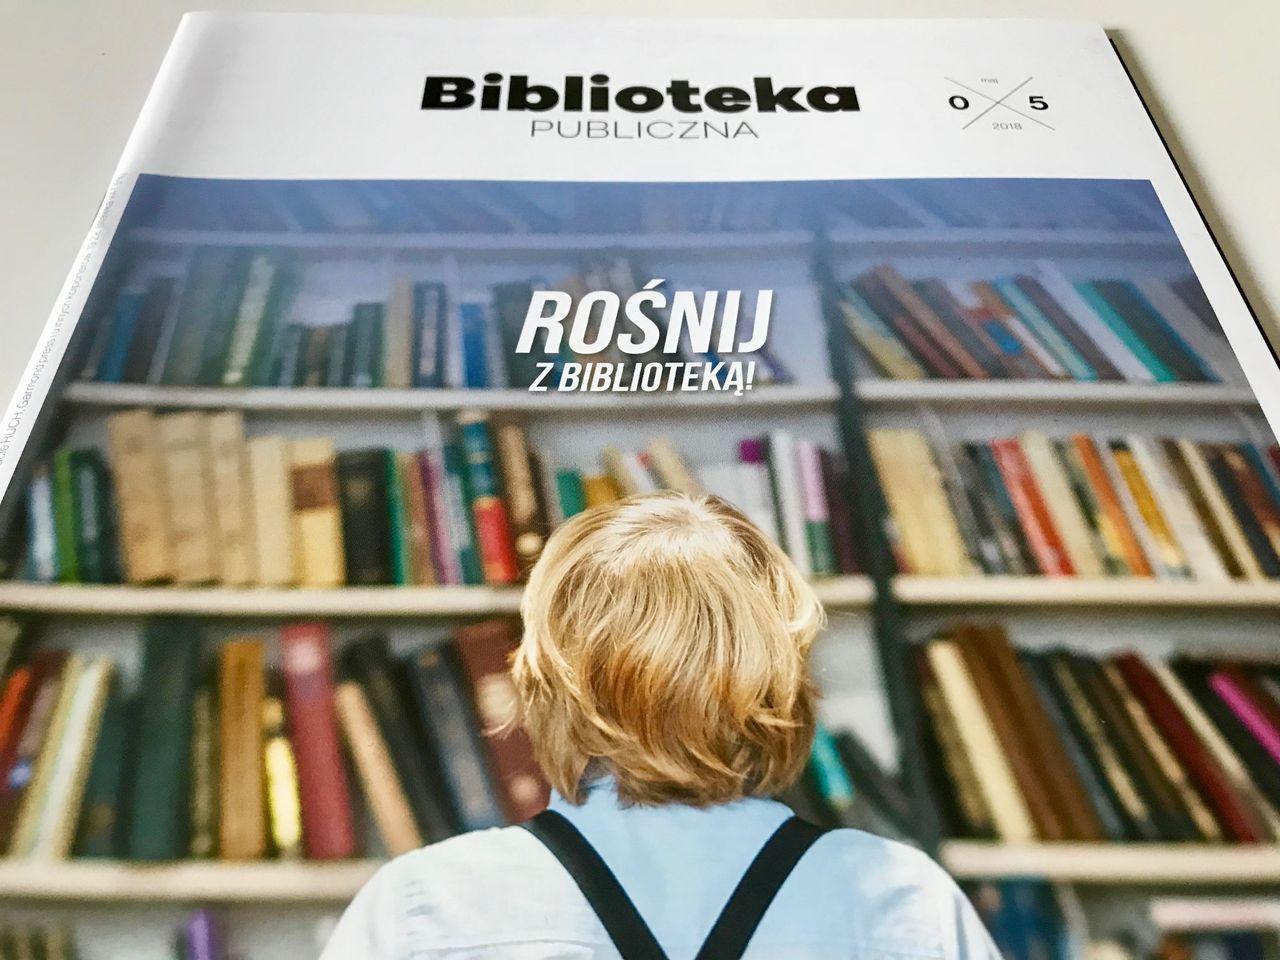 Rośnij z biblioteką! – czyli projekty startbookowe